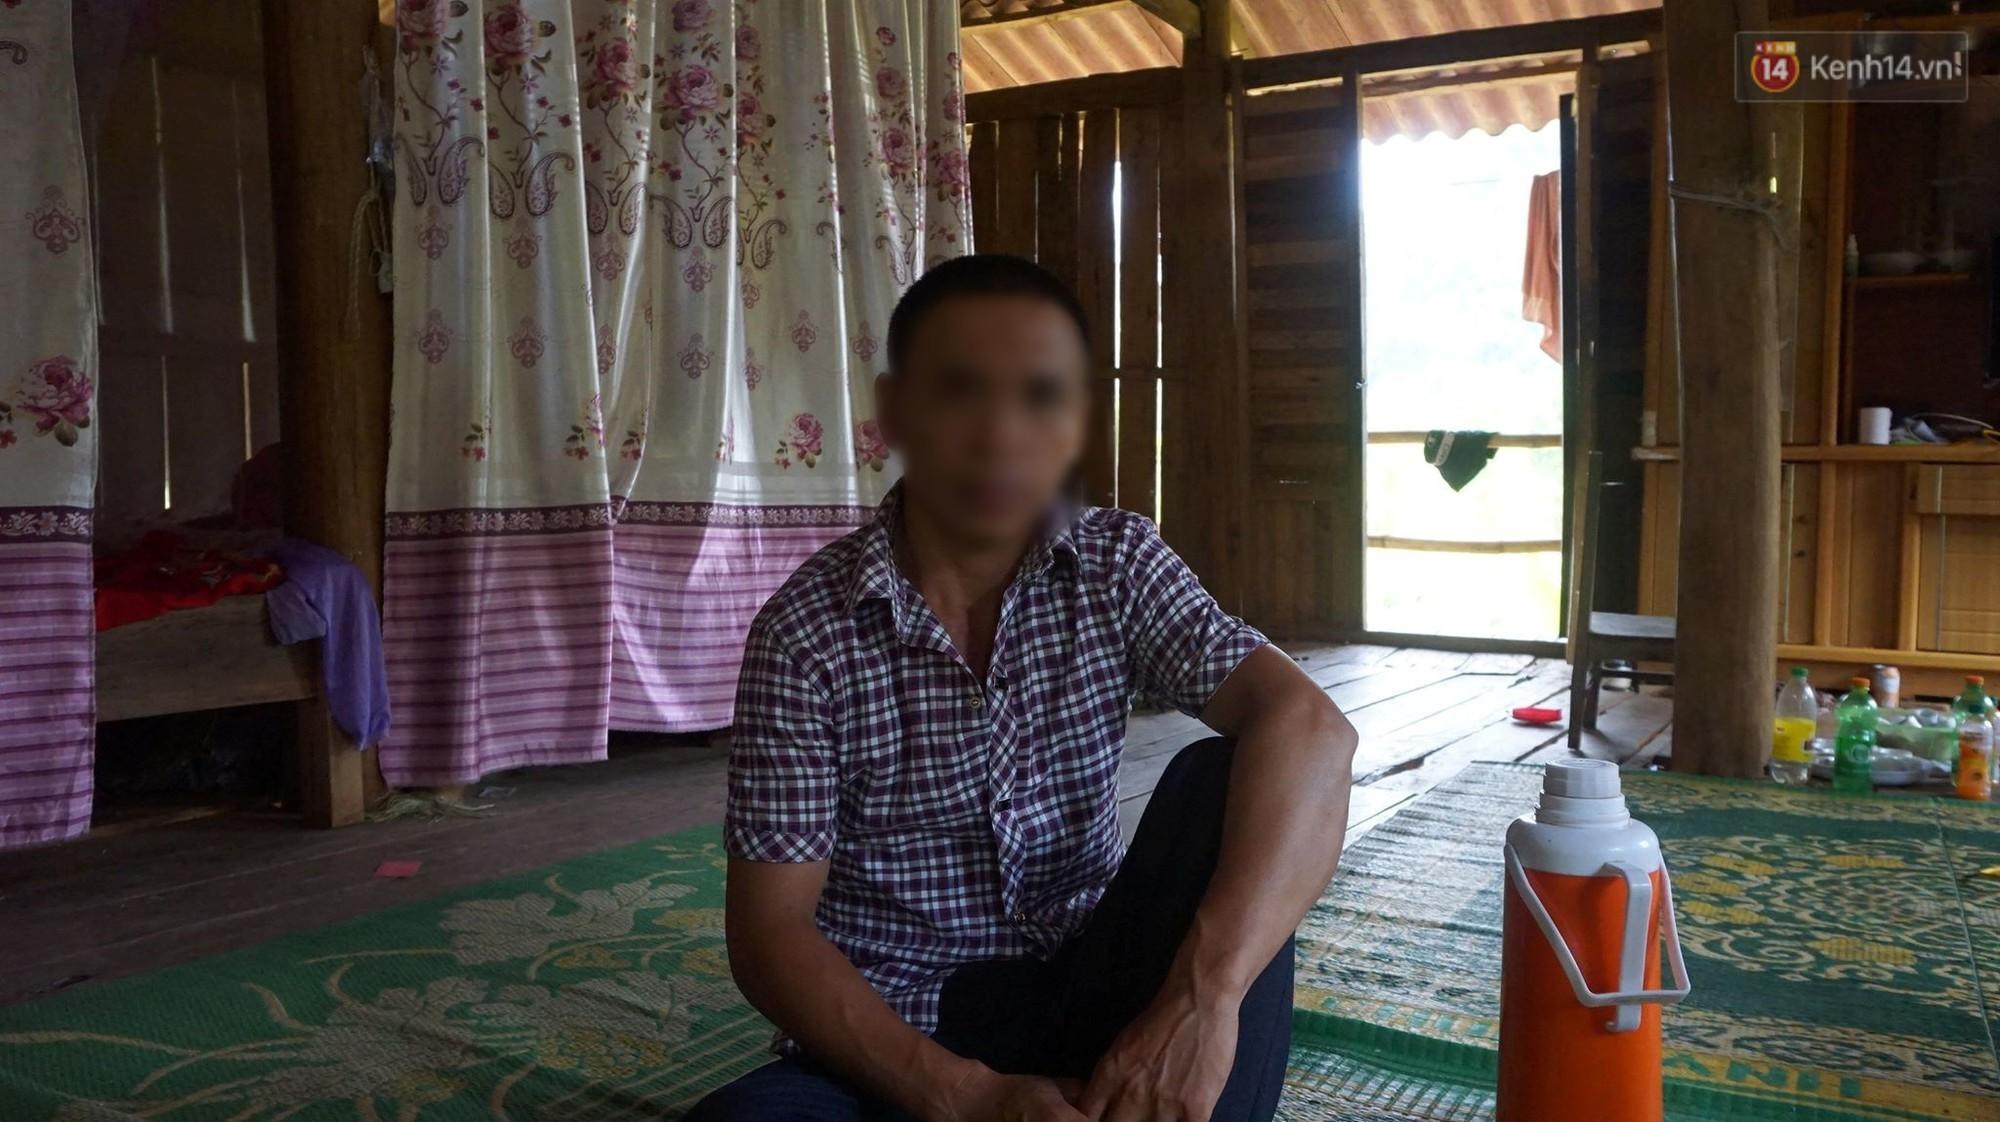 Bé gái 13 tuổi nghi bị KTV bệnh viện hiếp dâm không chịu ăn uống nói chuyện, liên tục khóc suốt nhiều ngày liền-3